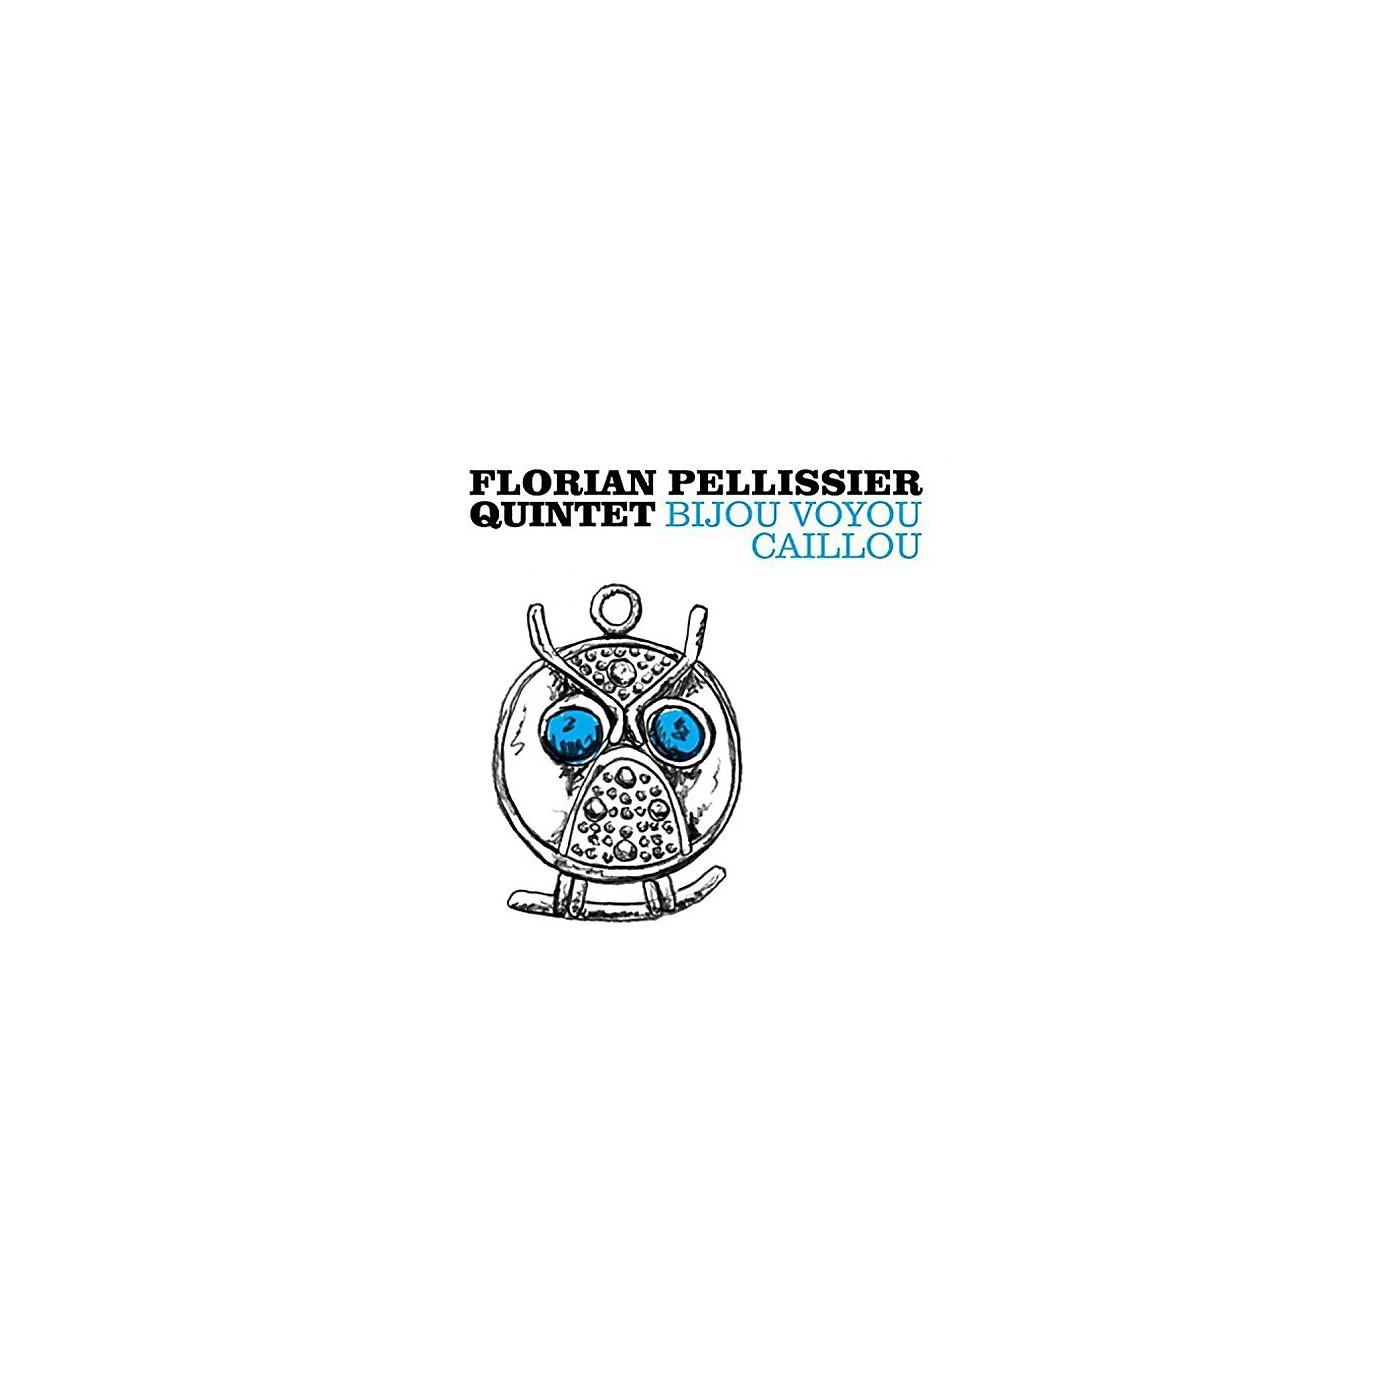 Alliance Florian Quintet Pellissier - Bijou Voyou Caillou thumbnail